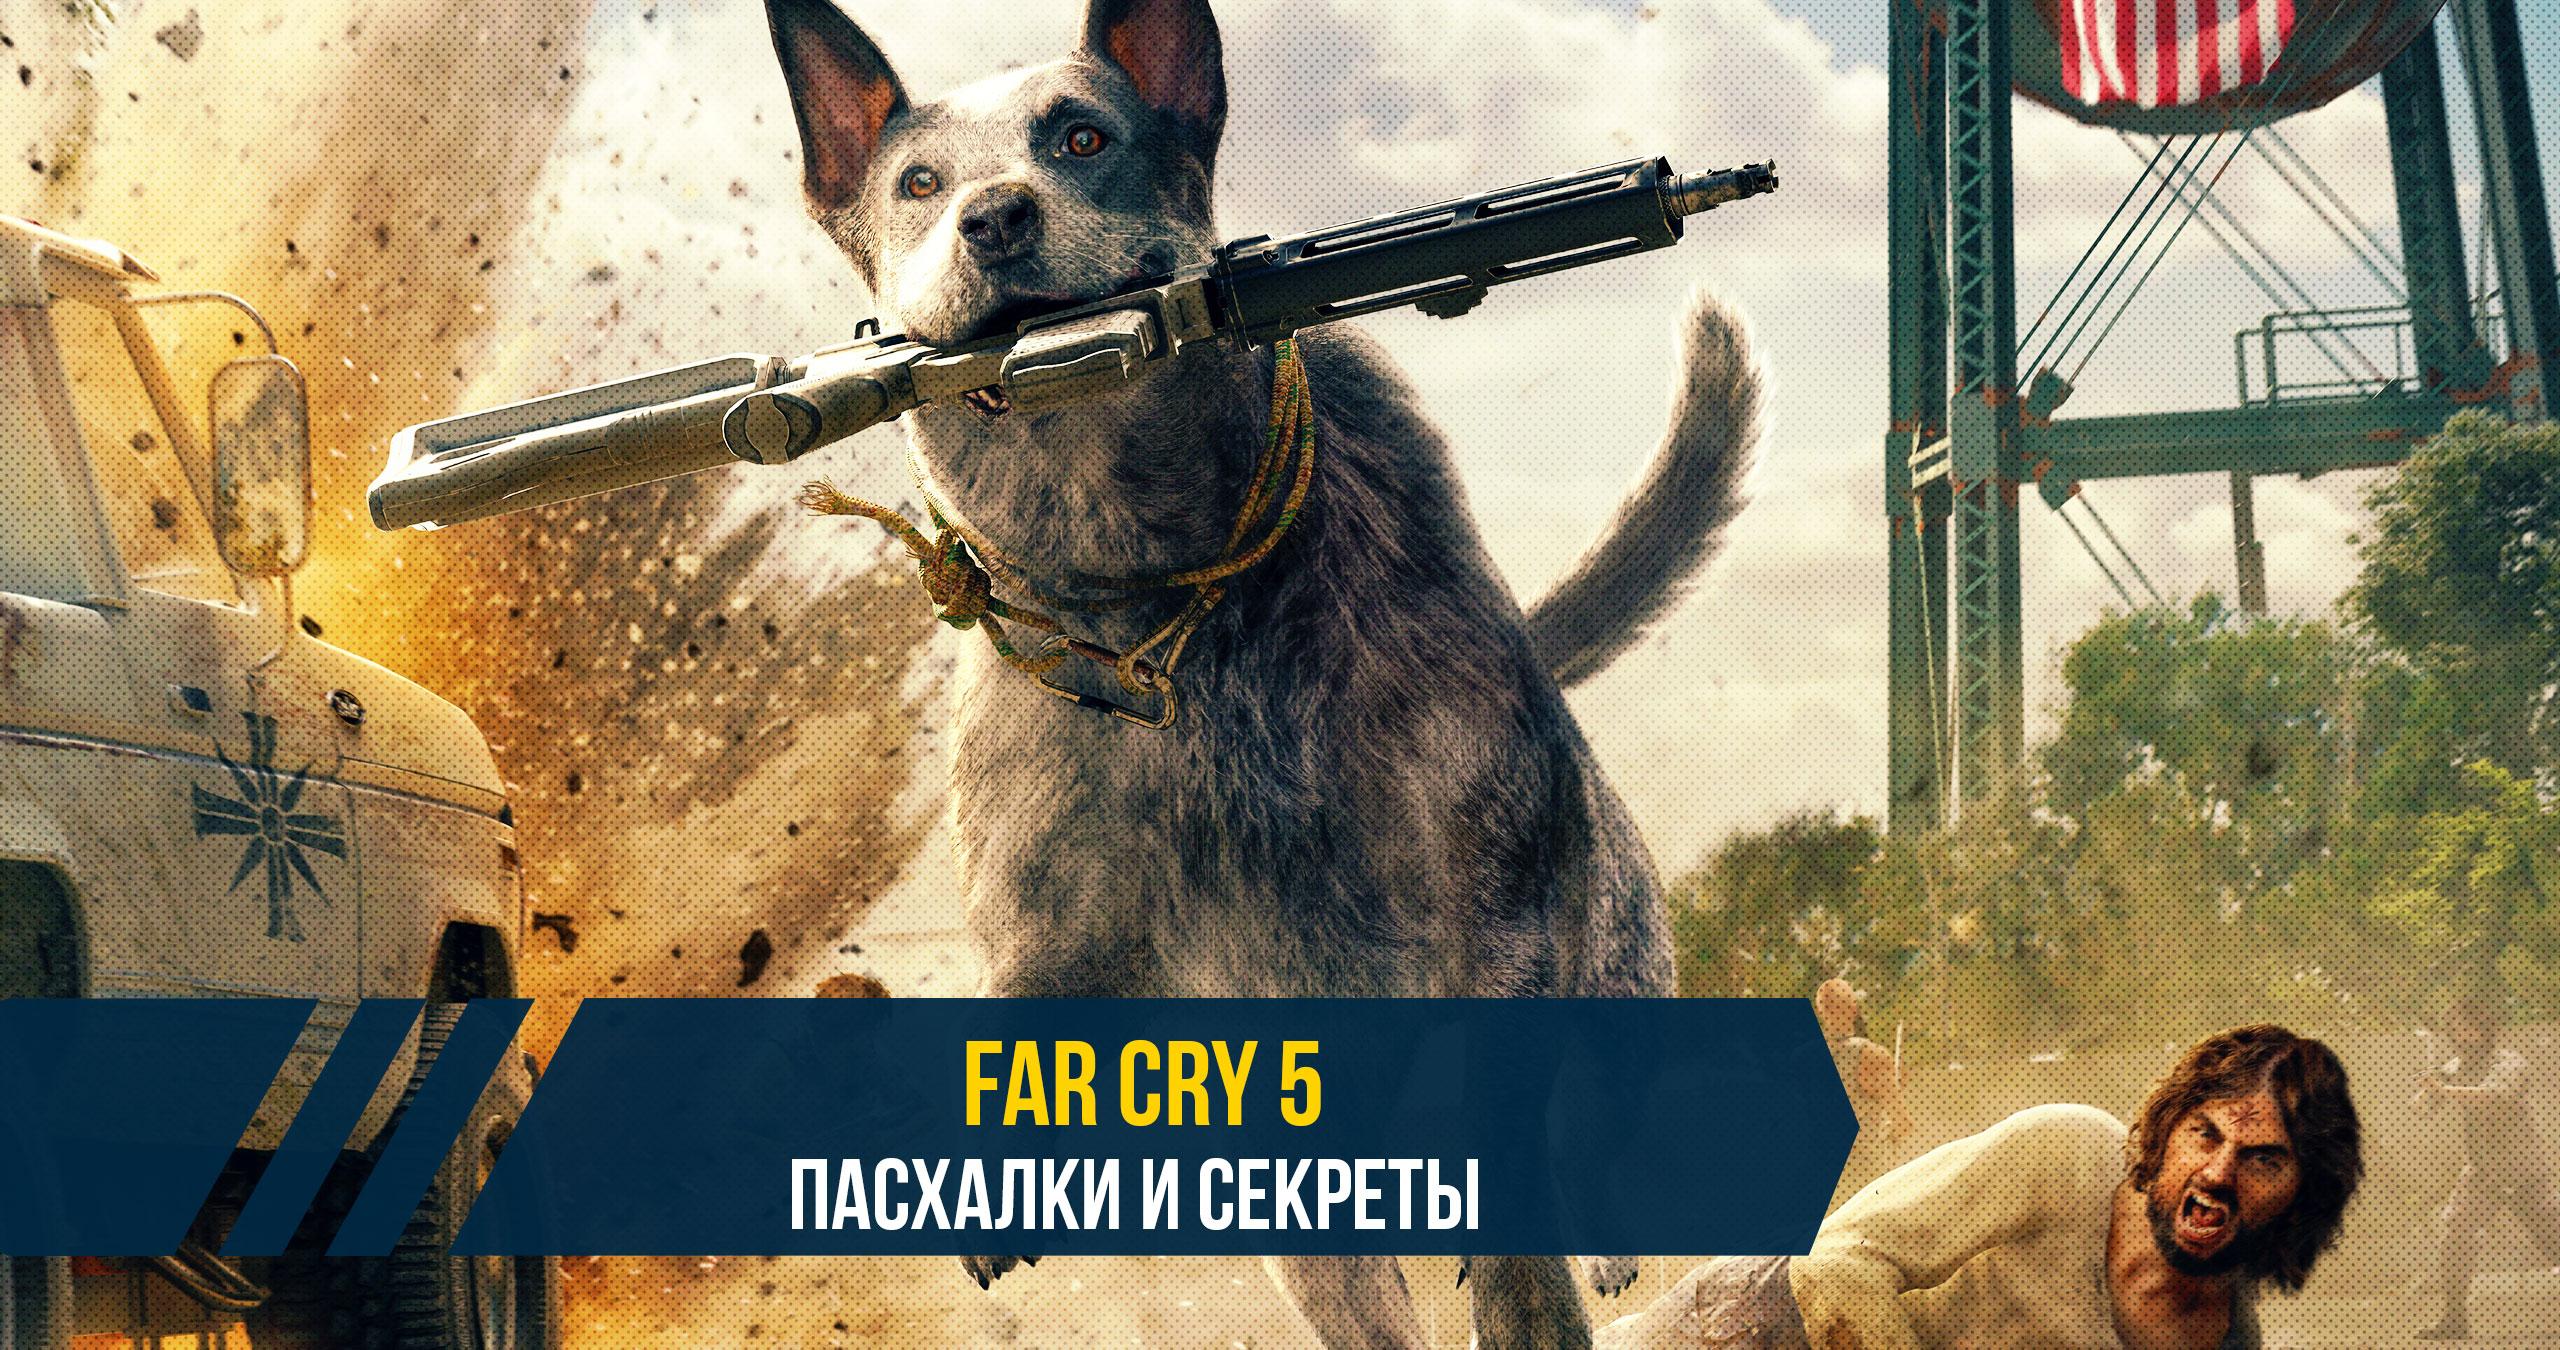 Пасхалки и секреты прохождения игры Far Cry 5